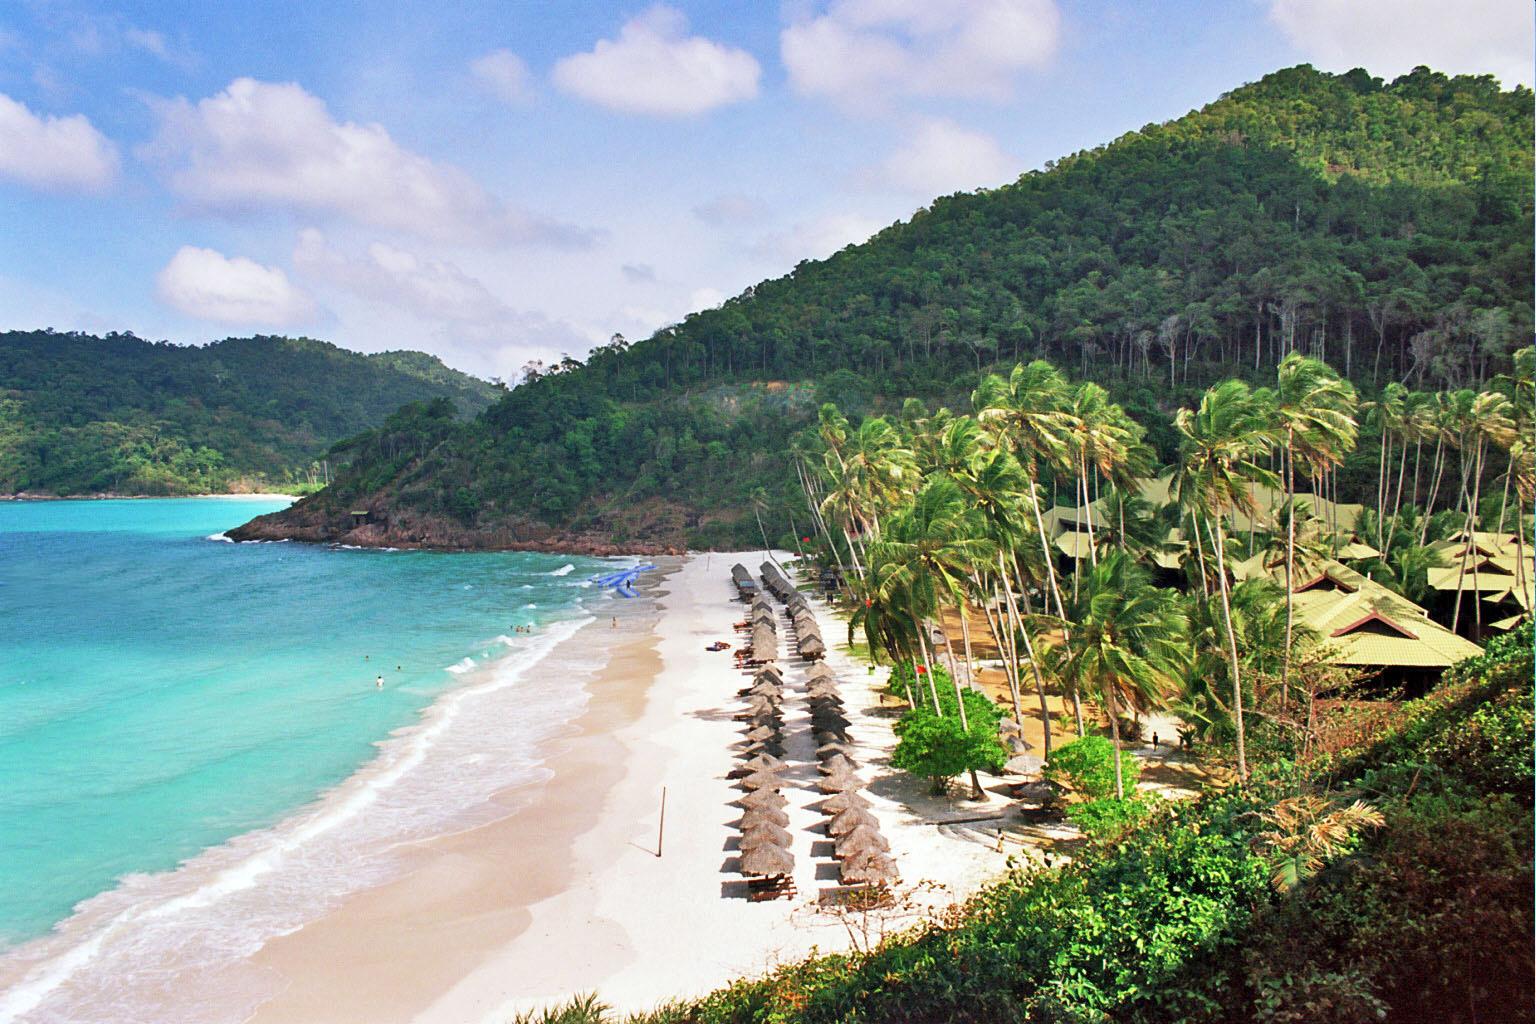 Bunga Raya Resort, Gawa Island